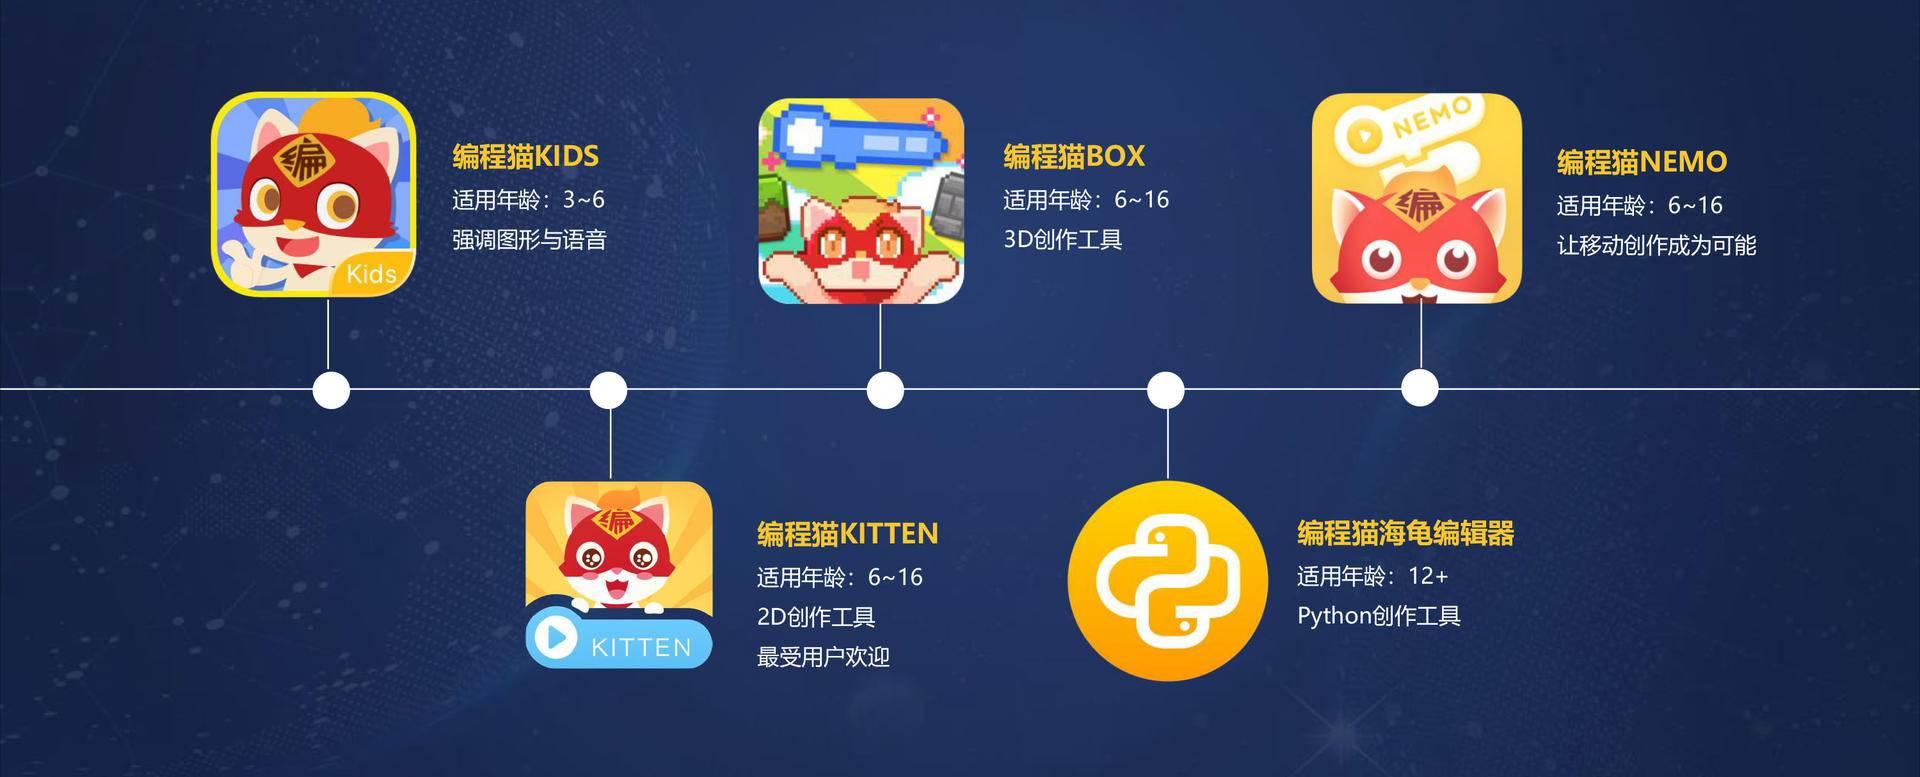 """吴晓波""""新国货首发""""直播:挖掘编程猫品牌优势,引导新时代教育投资"""